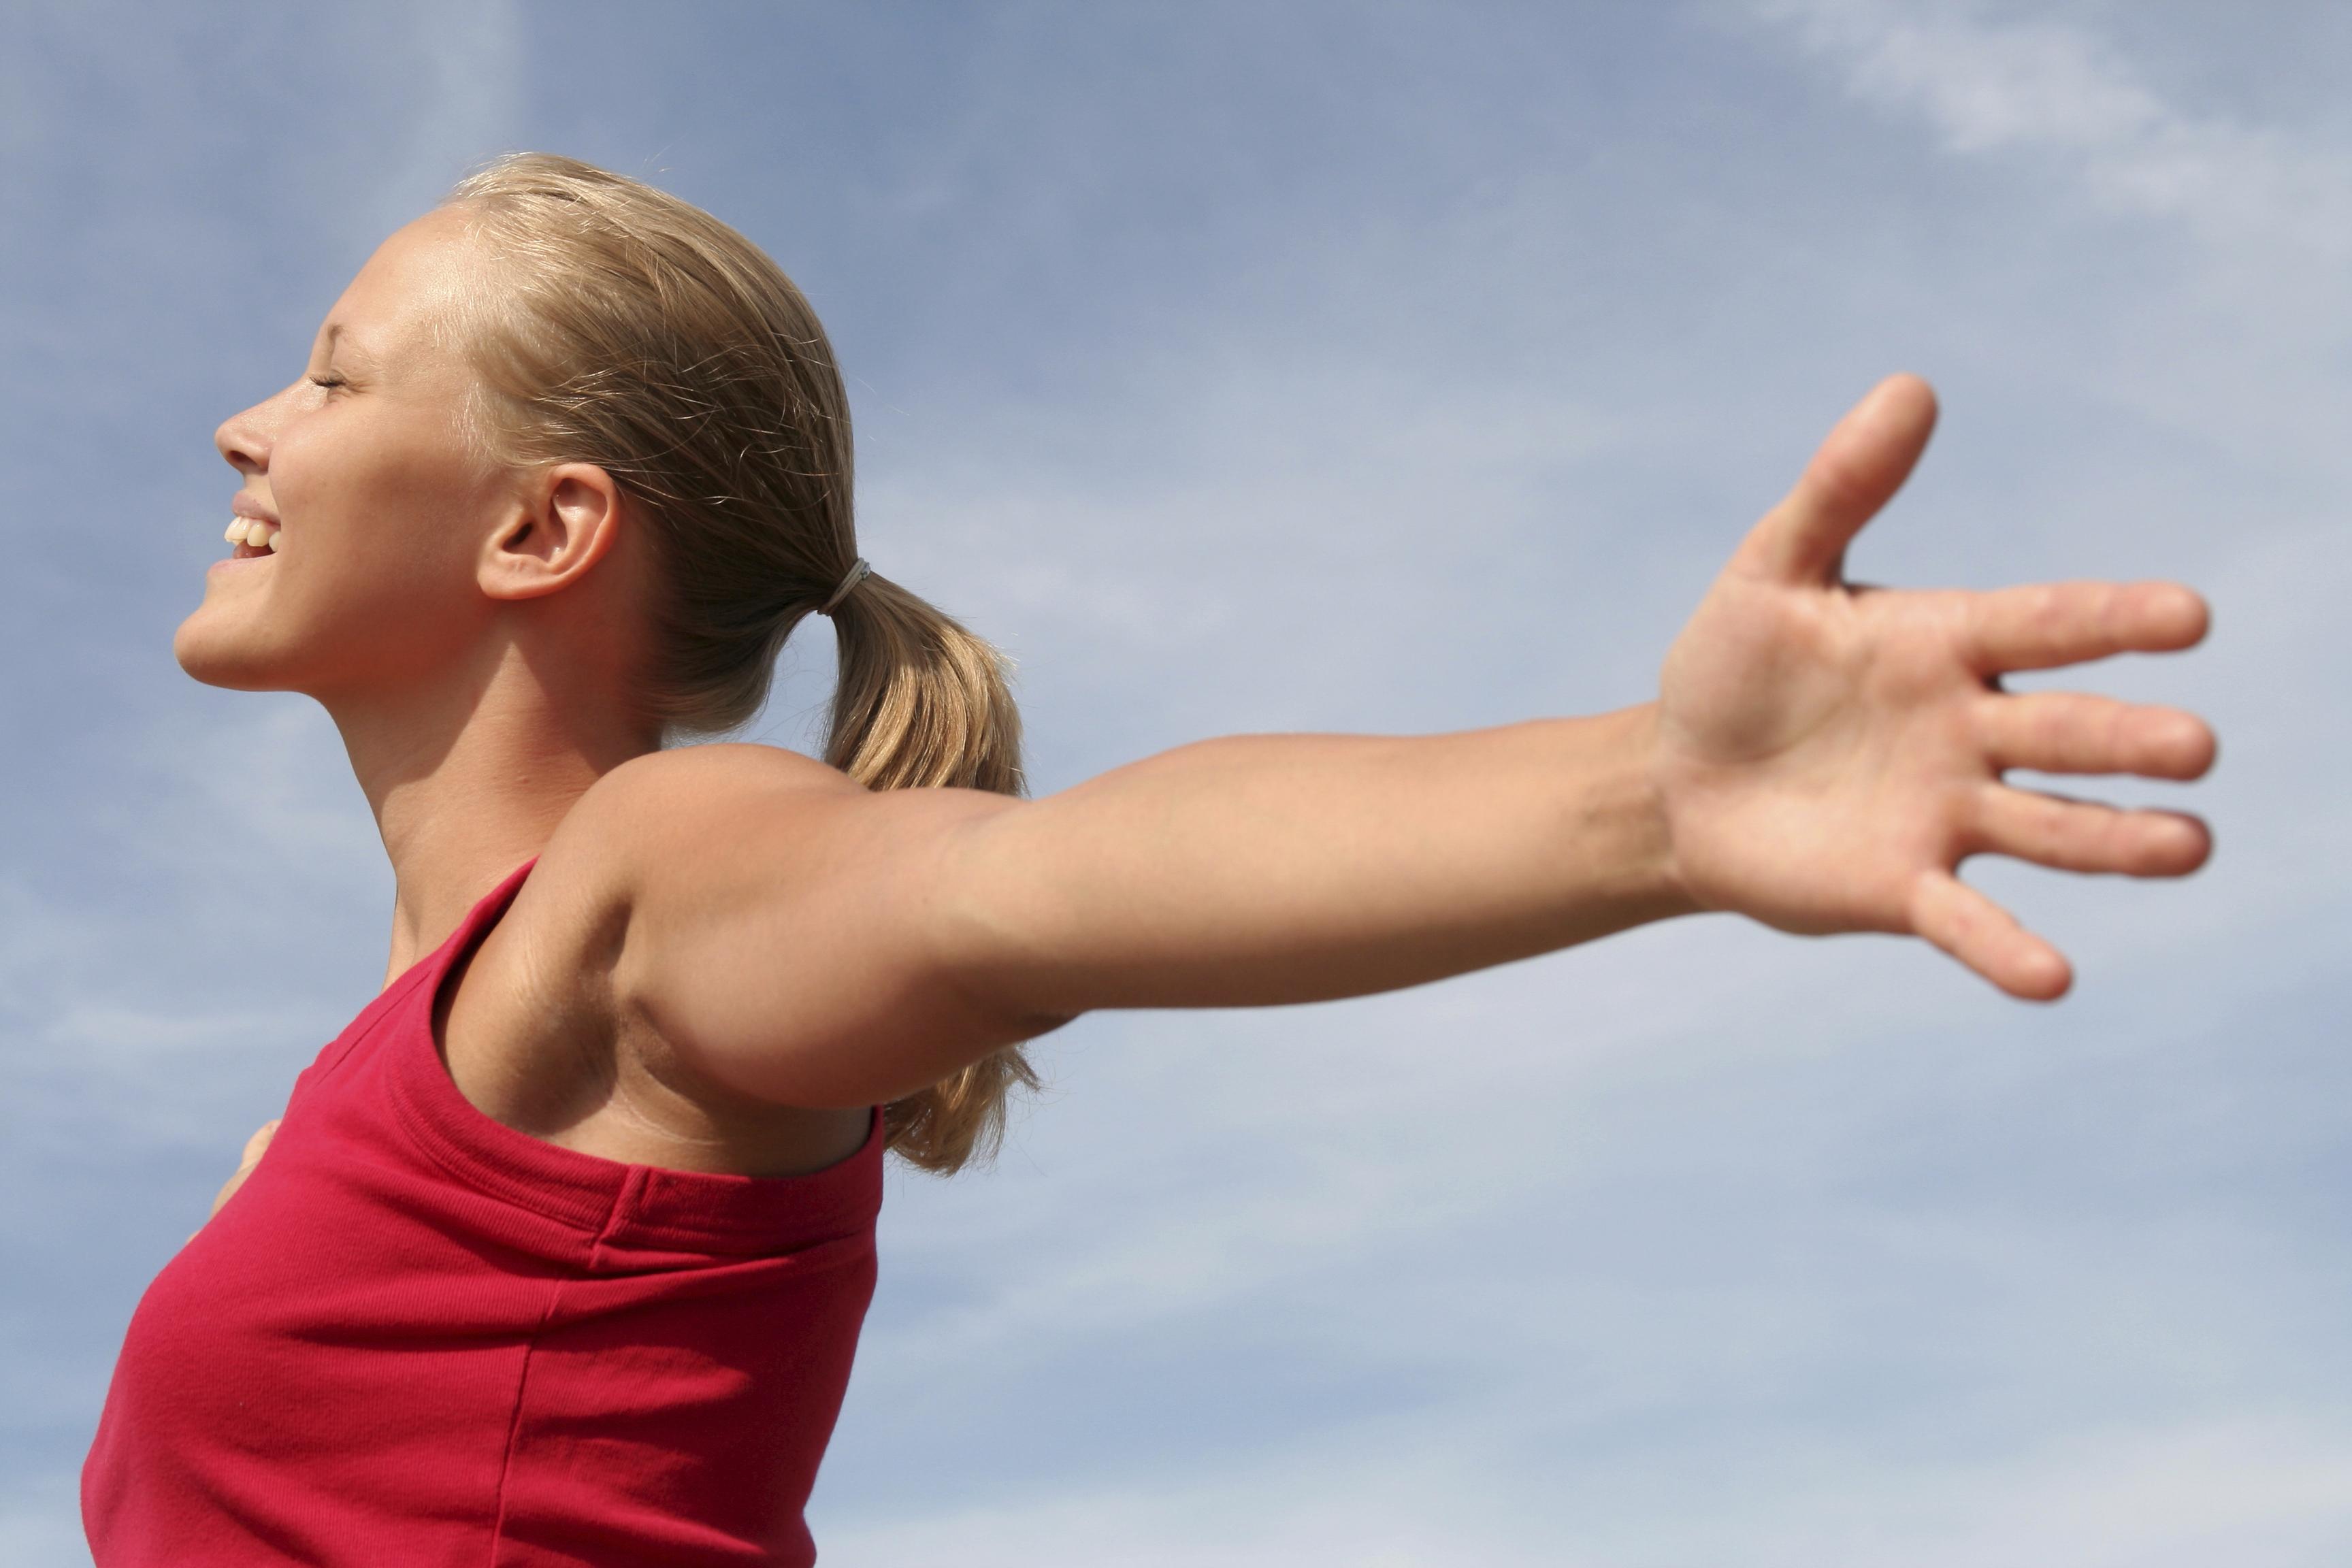 O Exercício nos Dá Felicidade?